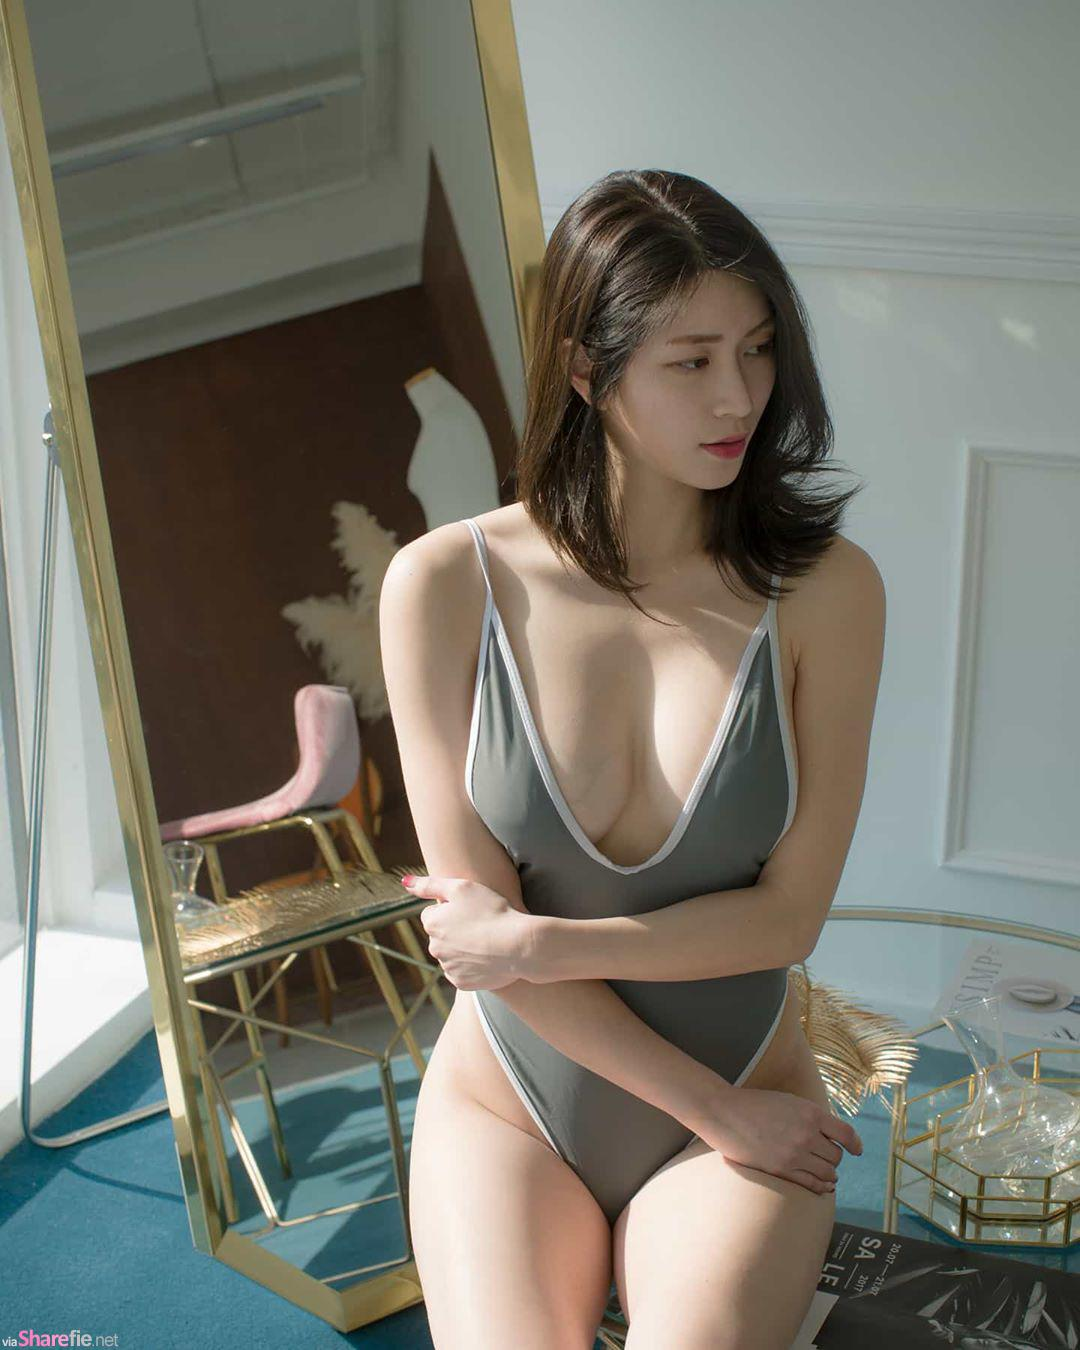 韓國正妹凶猛大只馬,超吸睛視角, 網路正妹美女分享